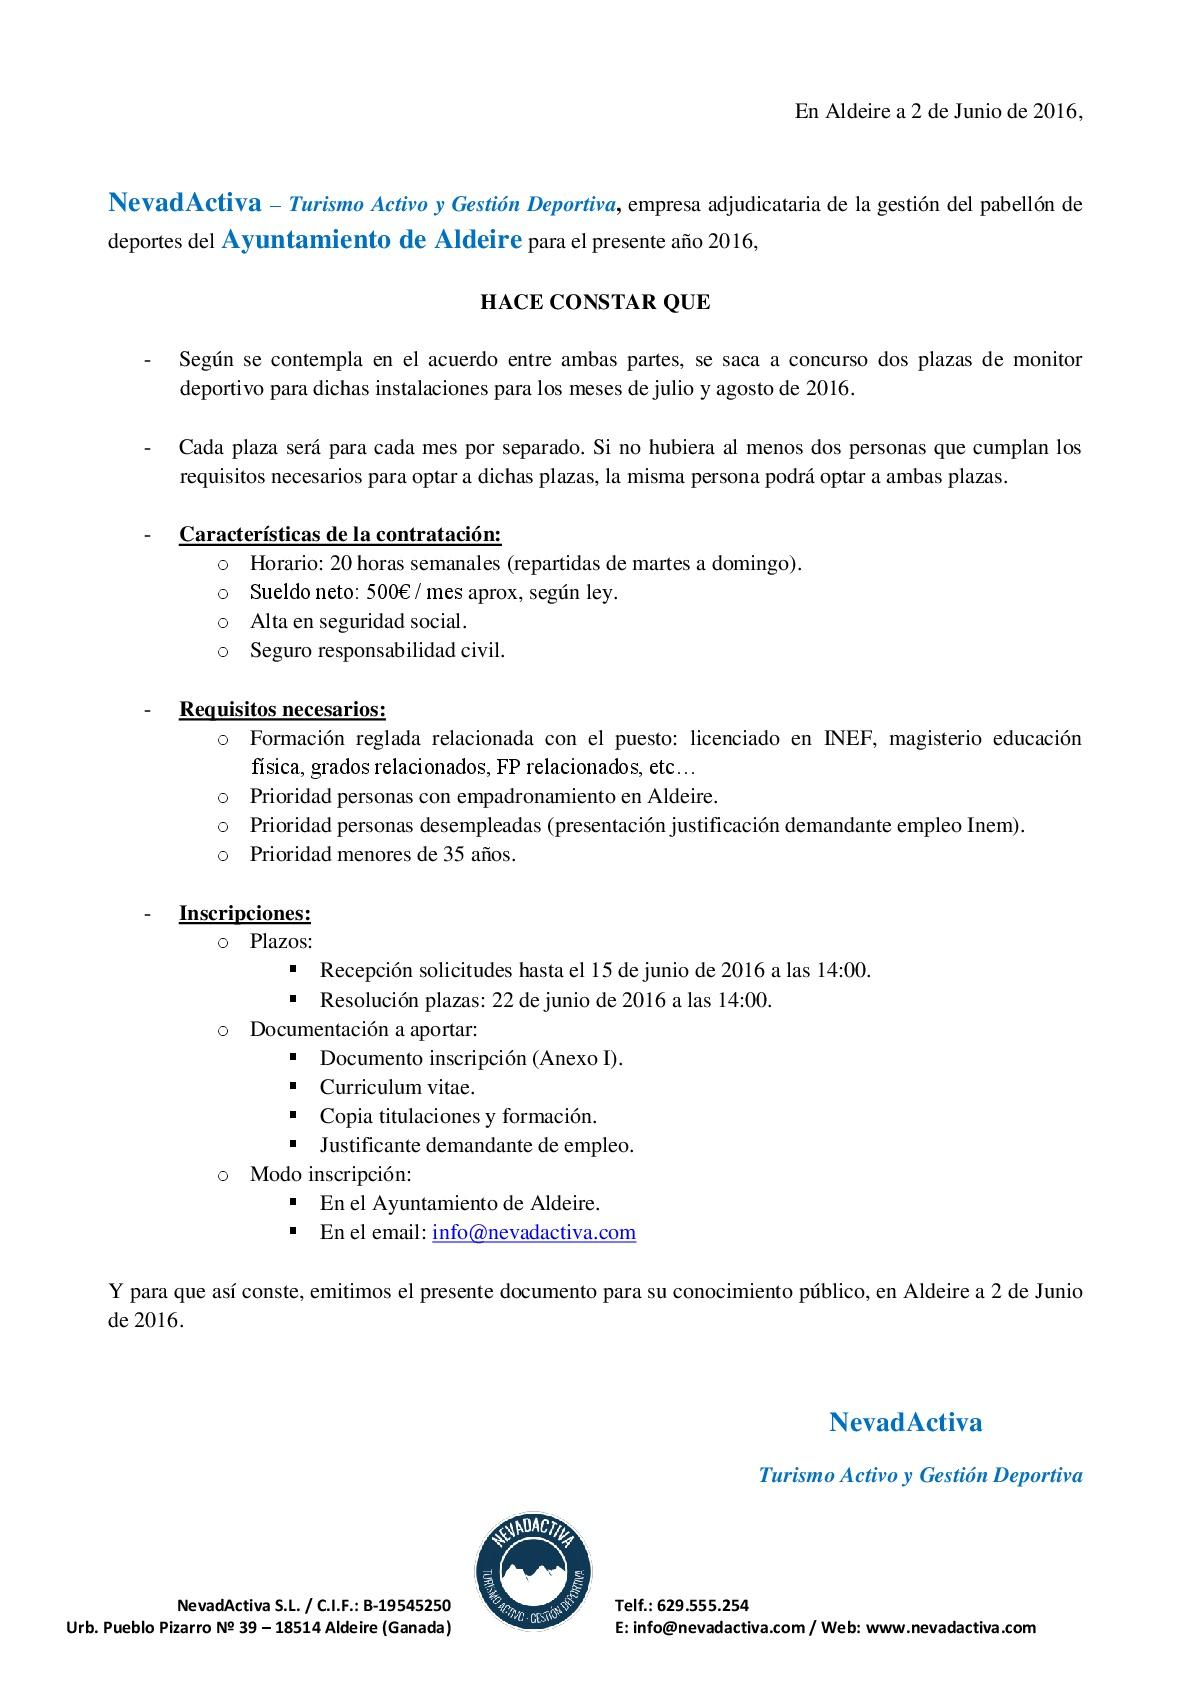 Escrito-oferta-plaza-monitor-deportivo-001